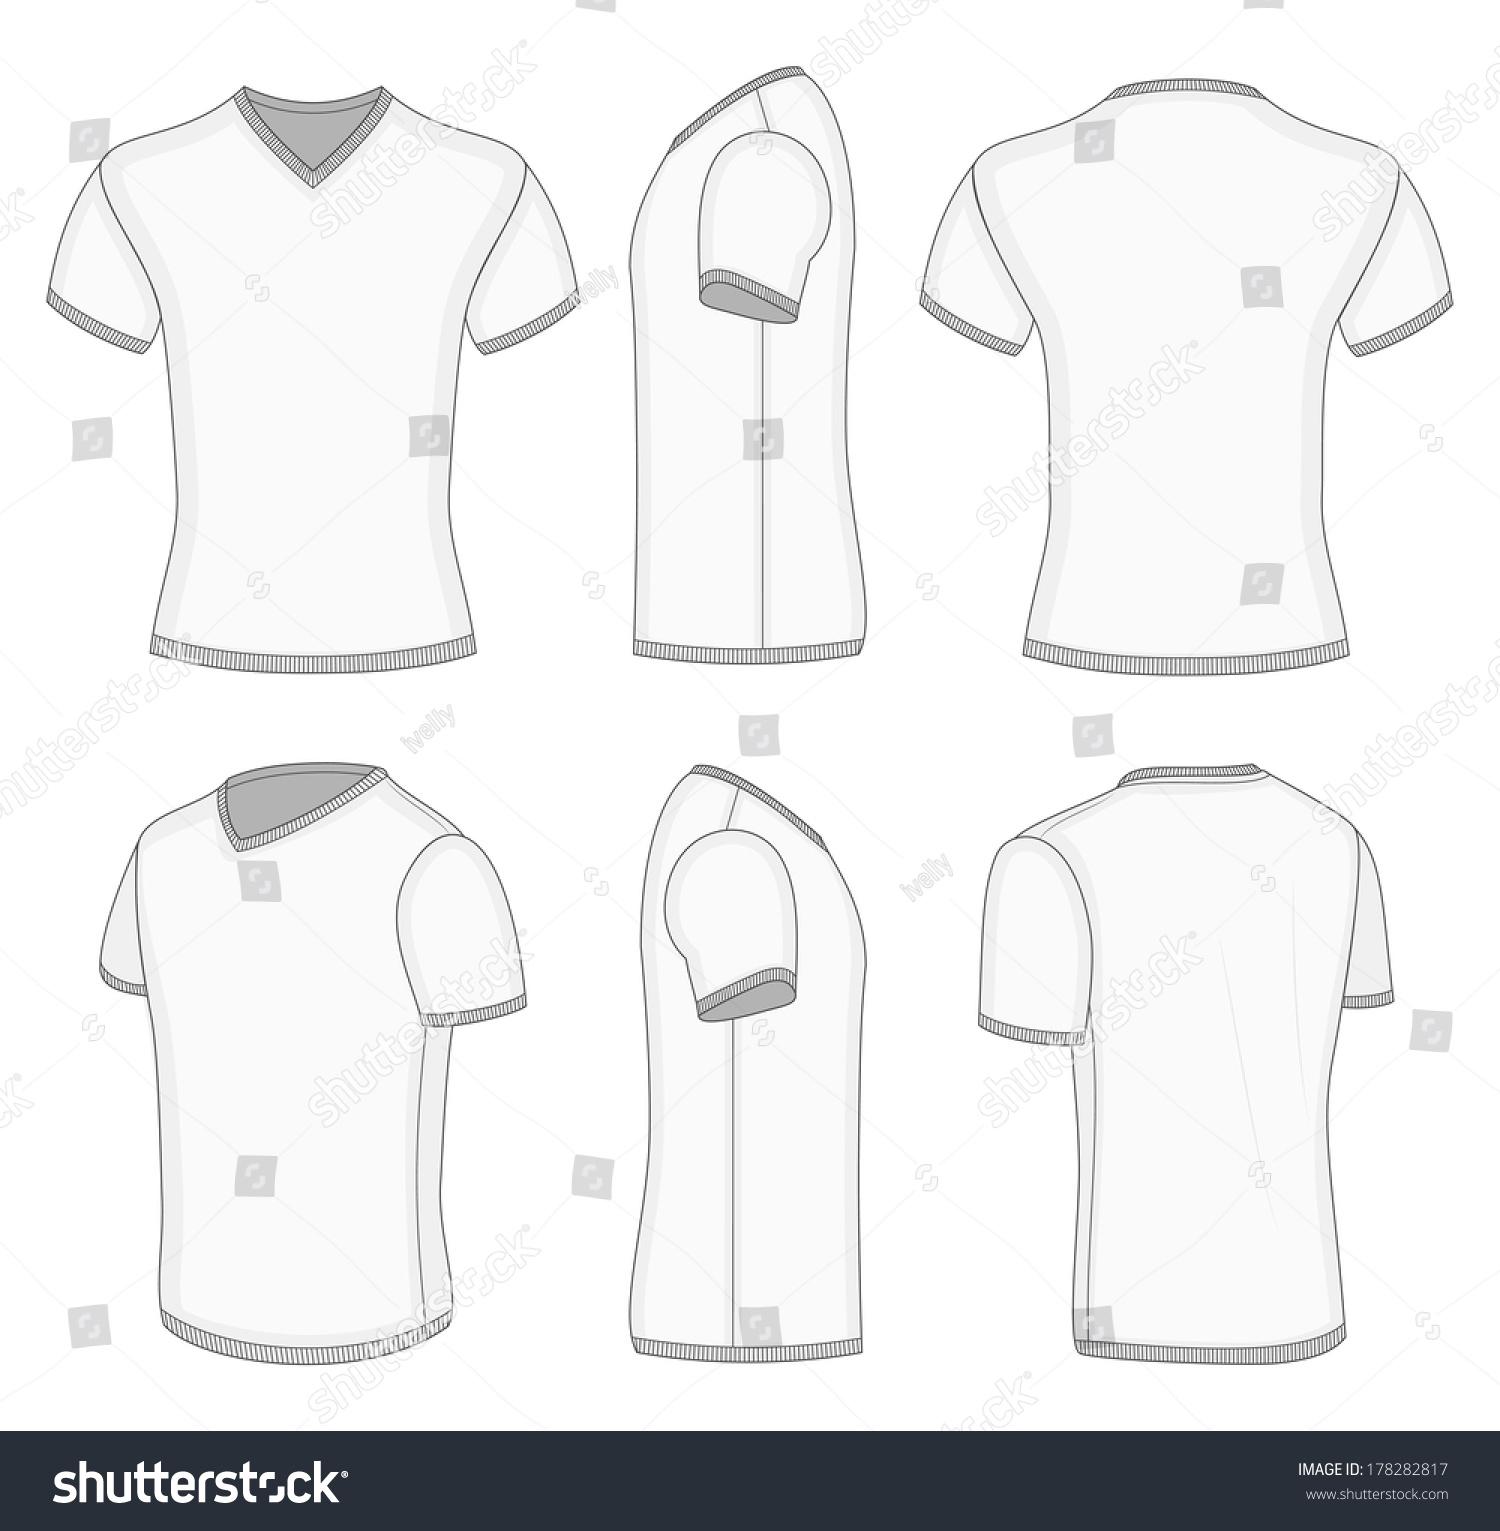 All views men 39 s white short sleeve t shirt v neck design for T shirt design v neck